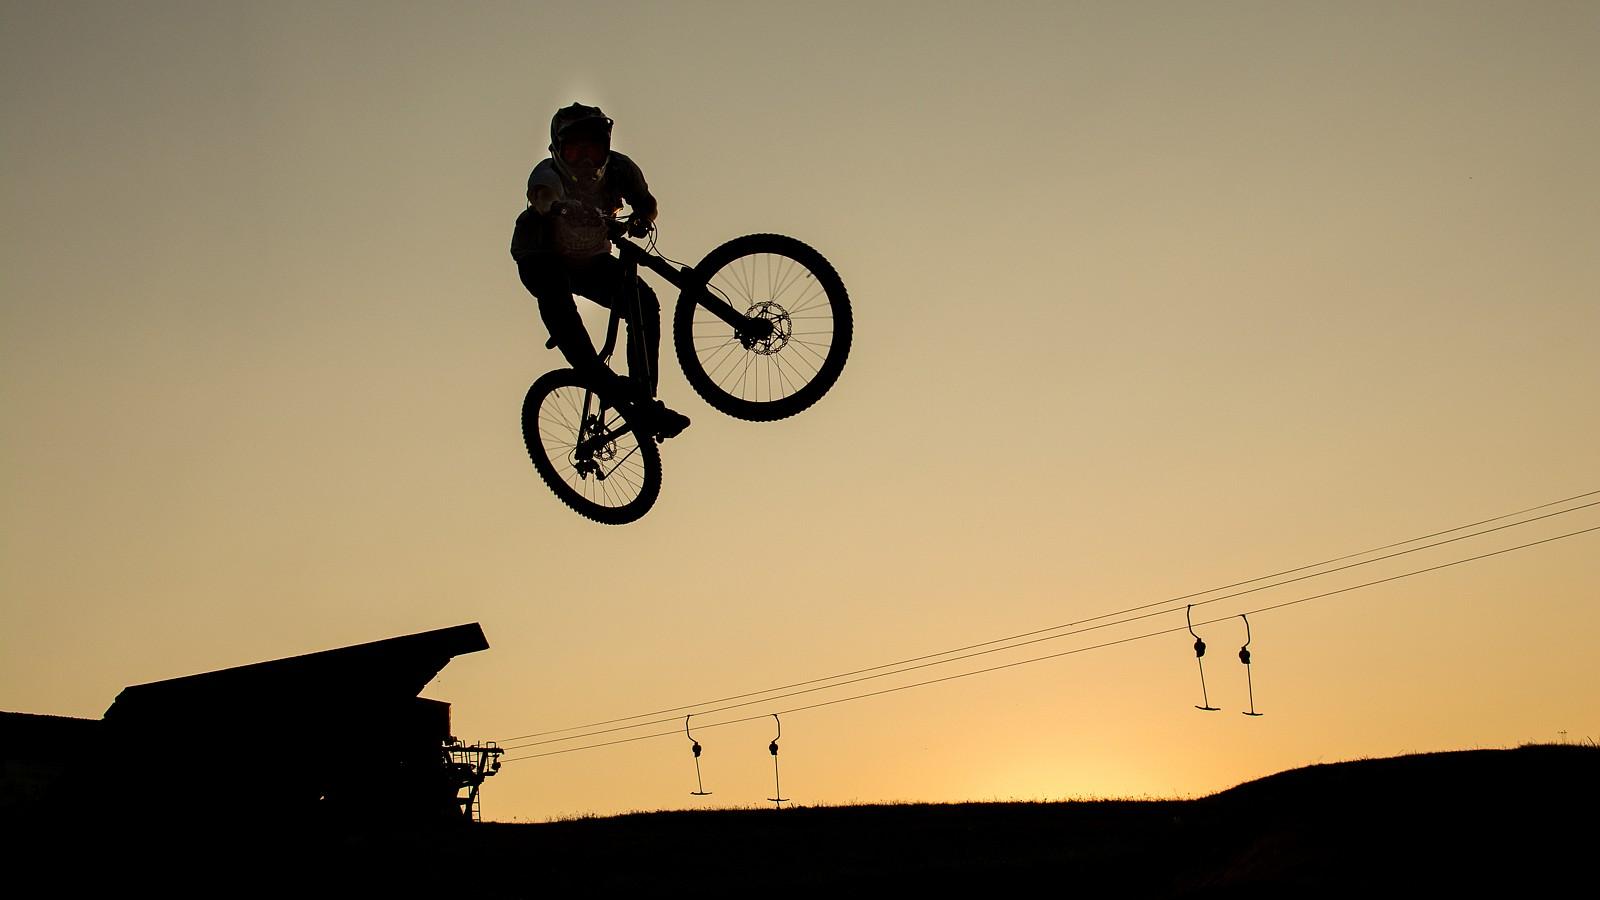 sunset sesh - Banan - Mountain Biking Pictures - Vital MTB